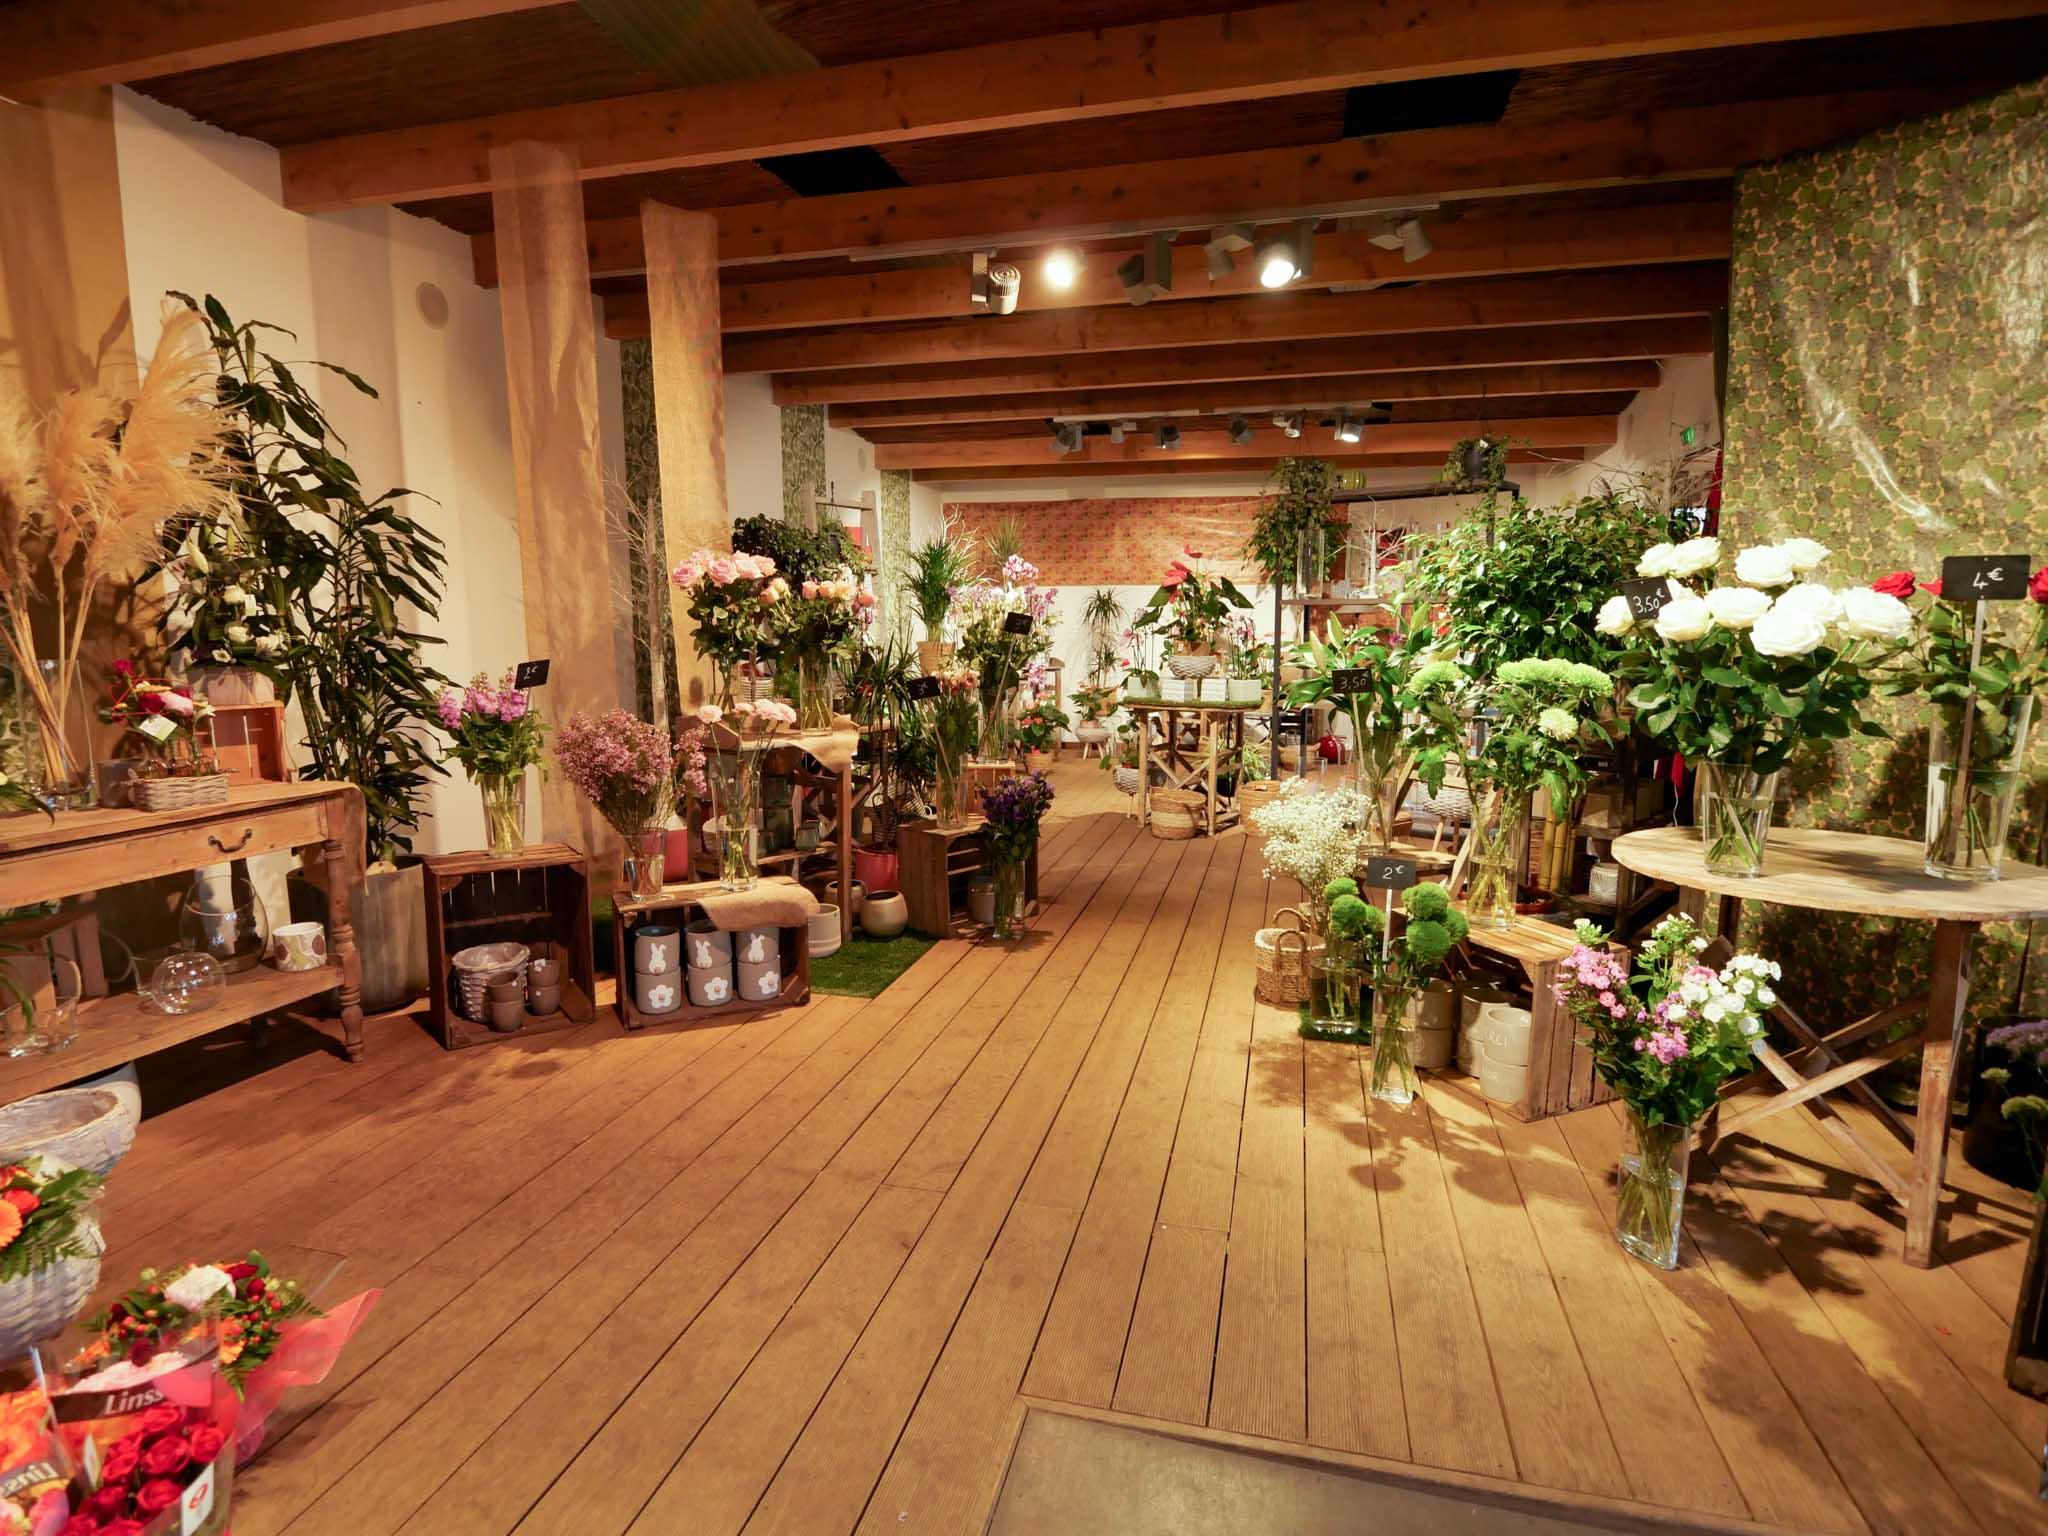 Espace des fleurs Au Pouvoir des Fleurs Morlaix